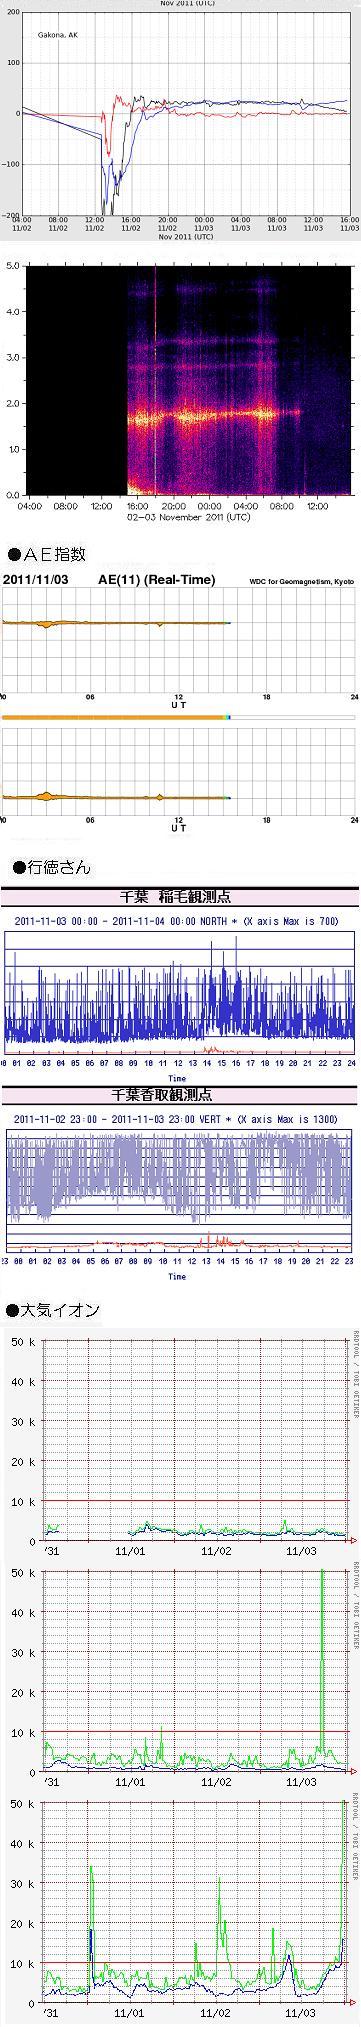 1104-1 データ